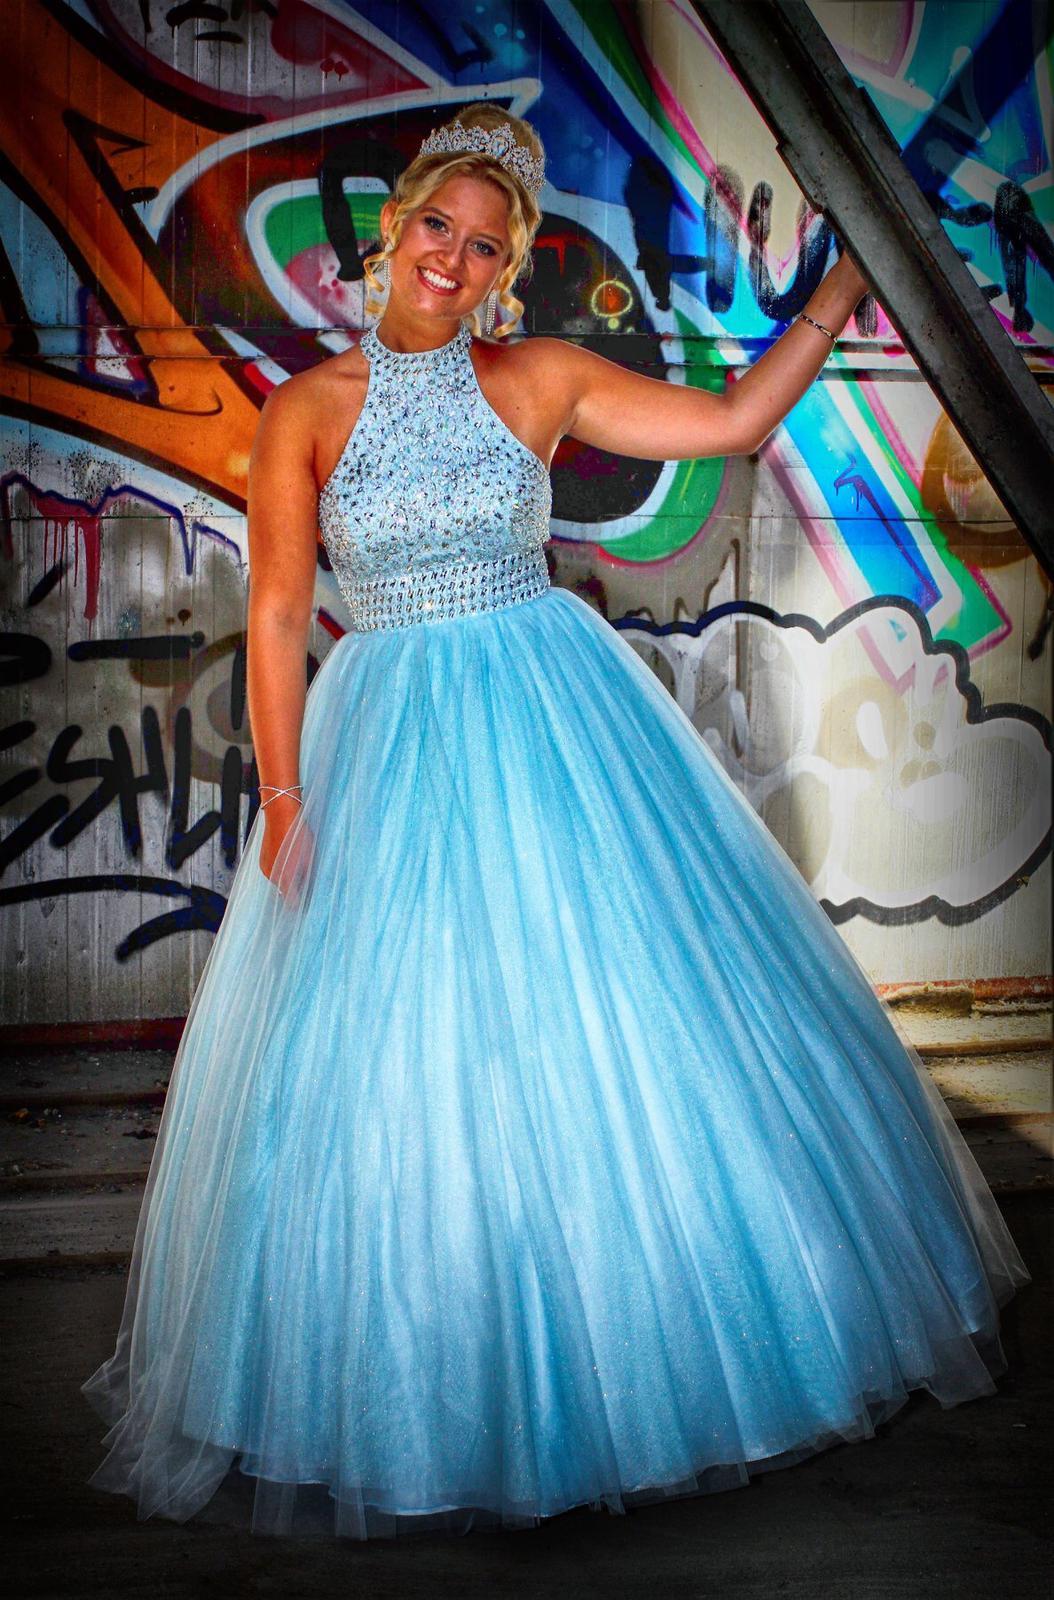 Luxina Lucia 1. von Tanz zu Glitzer und Glanz